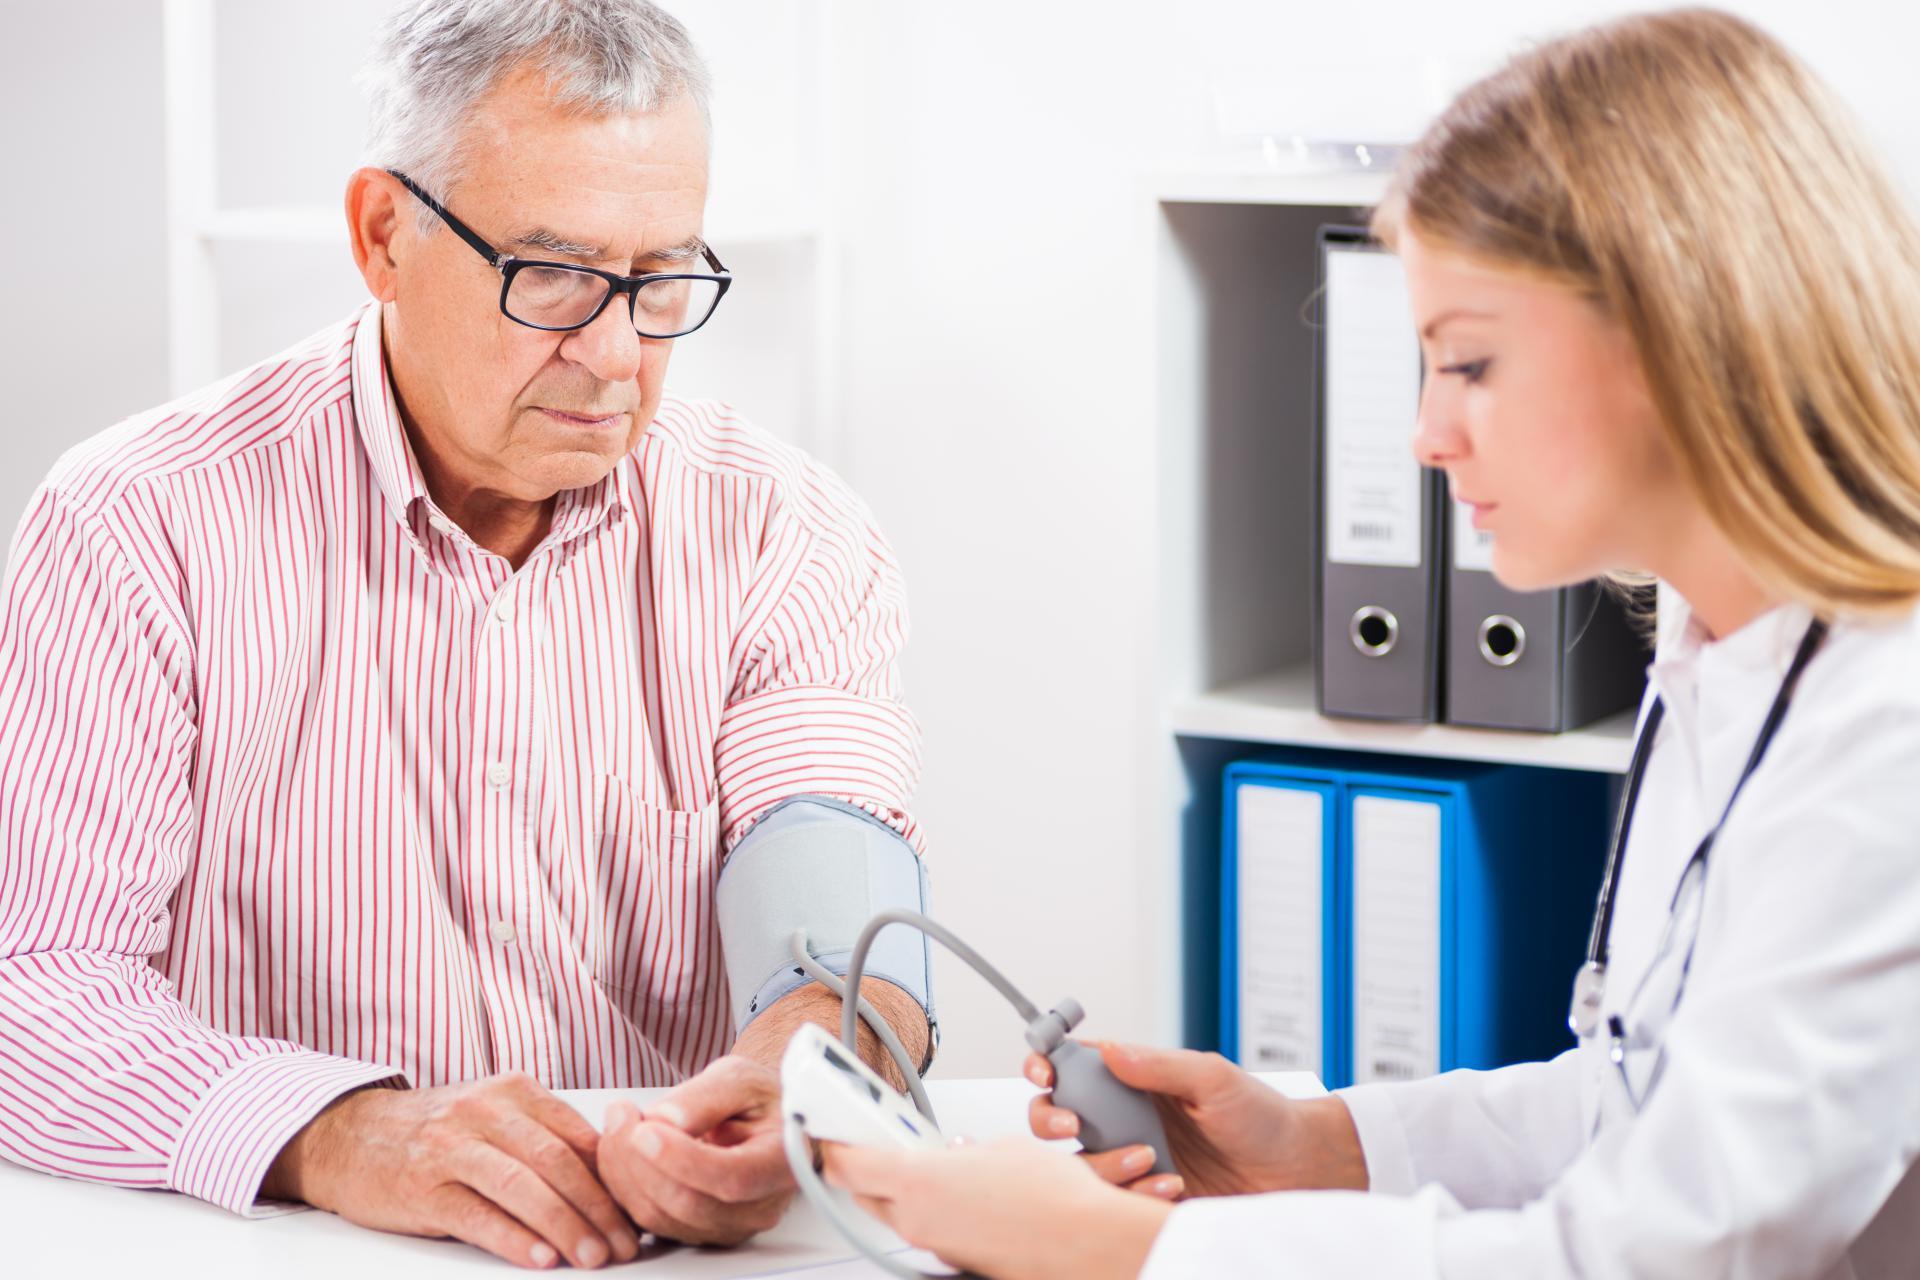 liječenje hipertenzije lijek u diabetes mellitus hipertenzija kristal